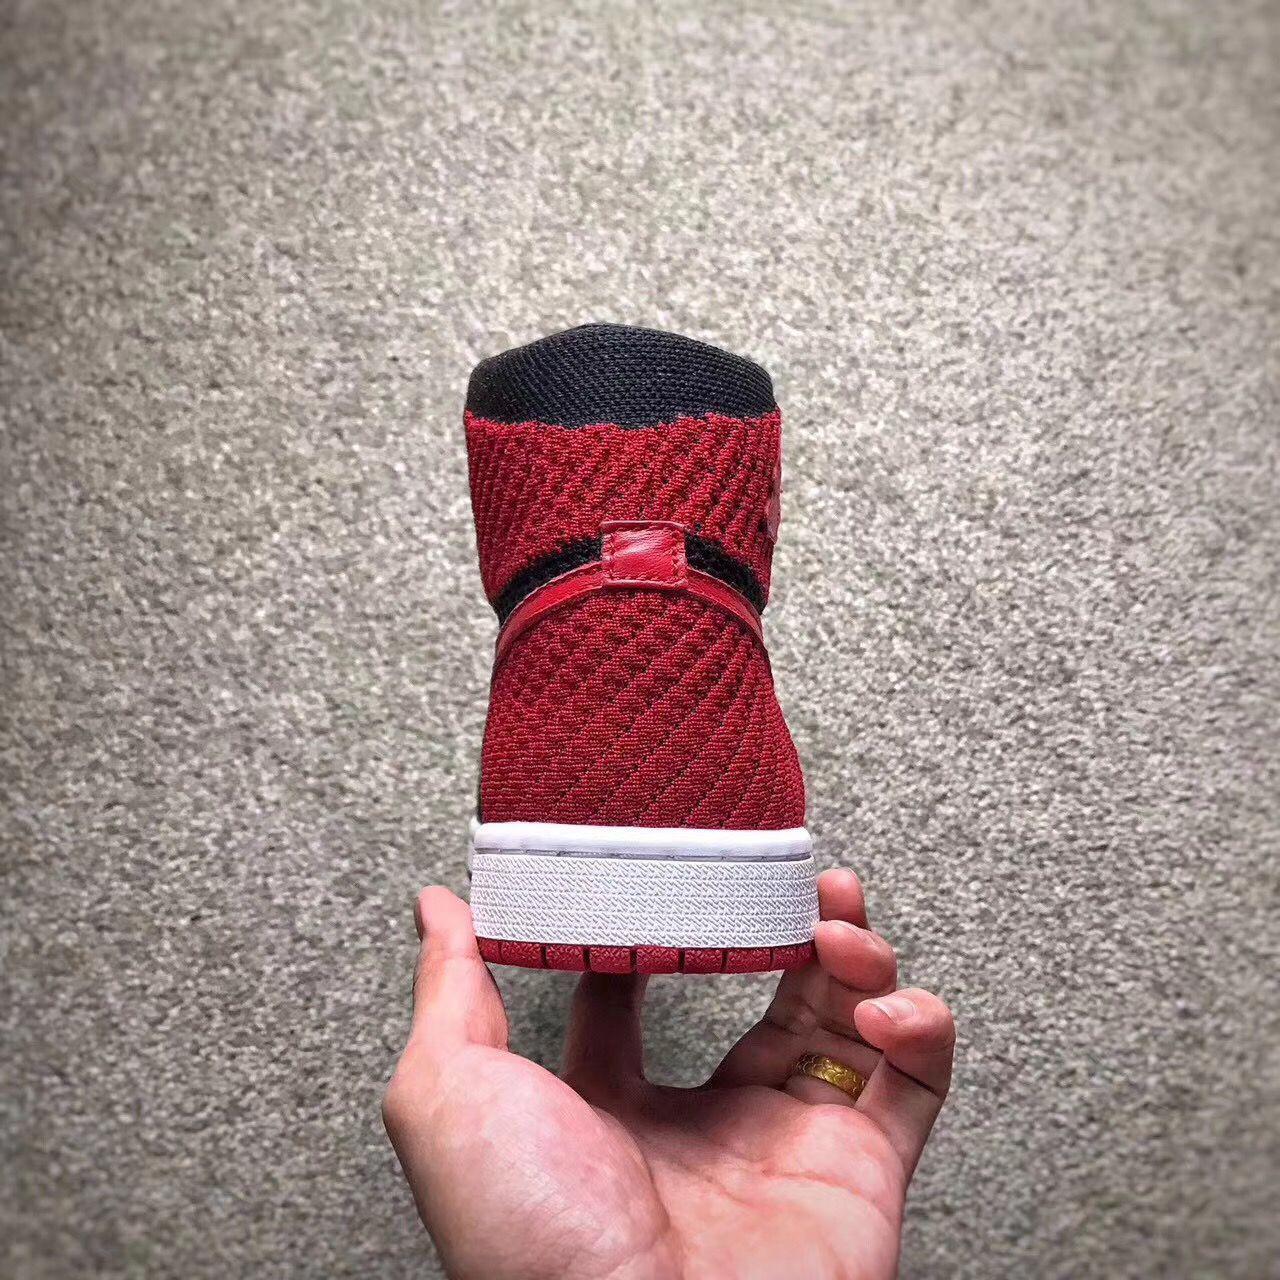 """9fc47daec7aa58 Баскетбольные кроссовки Nike Air Jordan 1 Retro Hi Flyknit """"Banned"""", цена 1  495 грн., купить в Киеве — Prom.ua (ID#690261201)"""